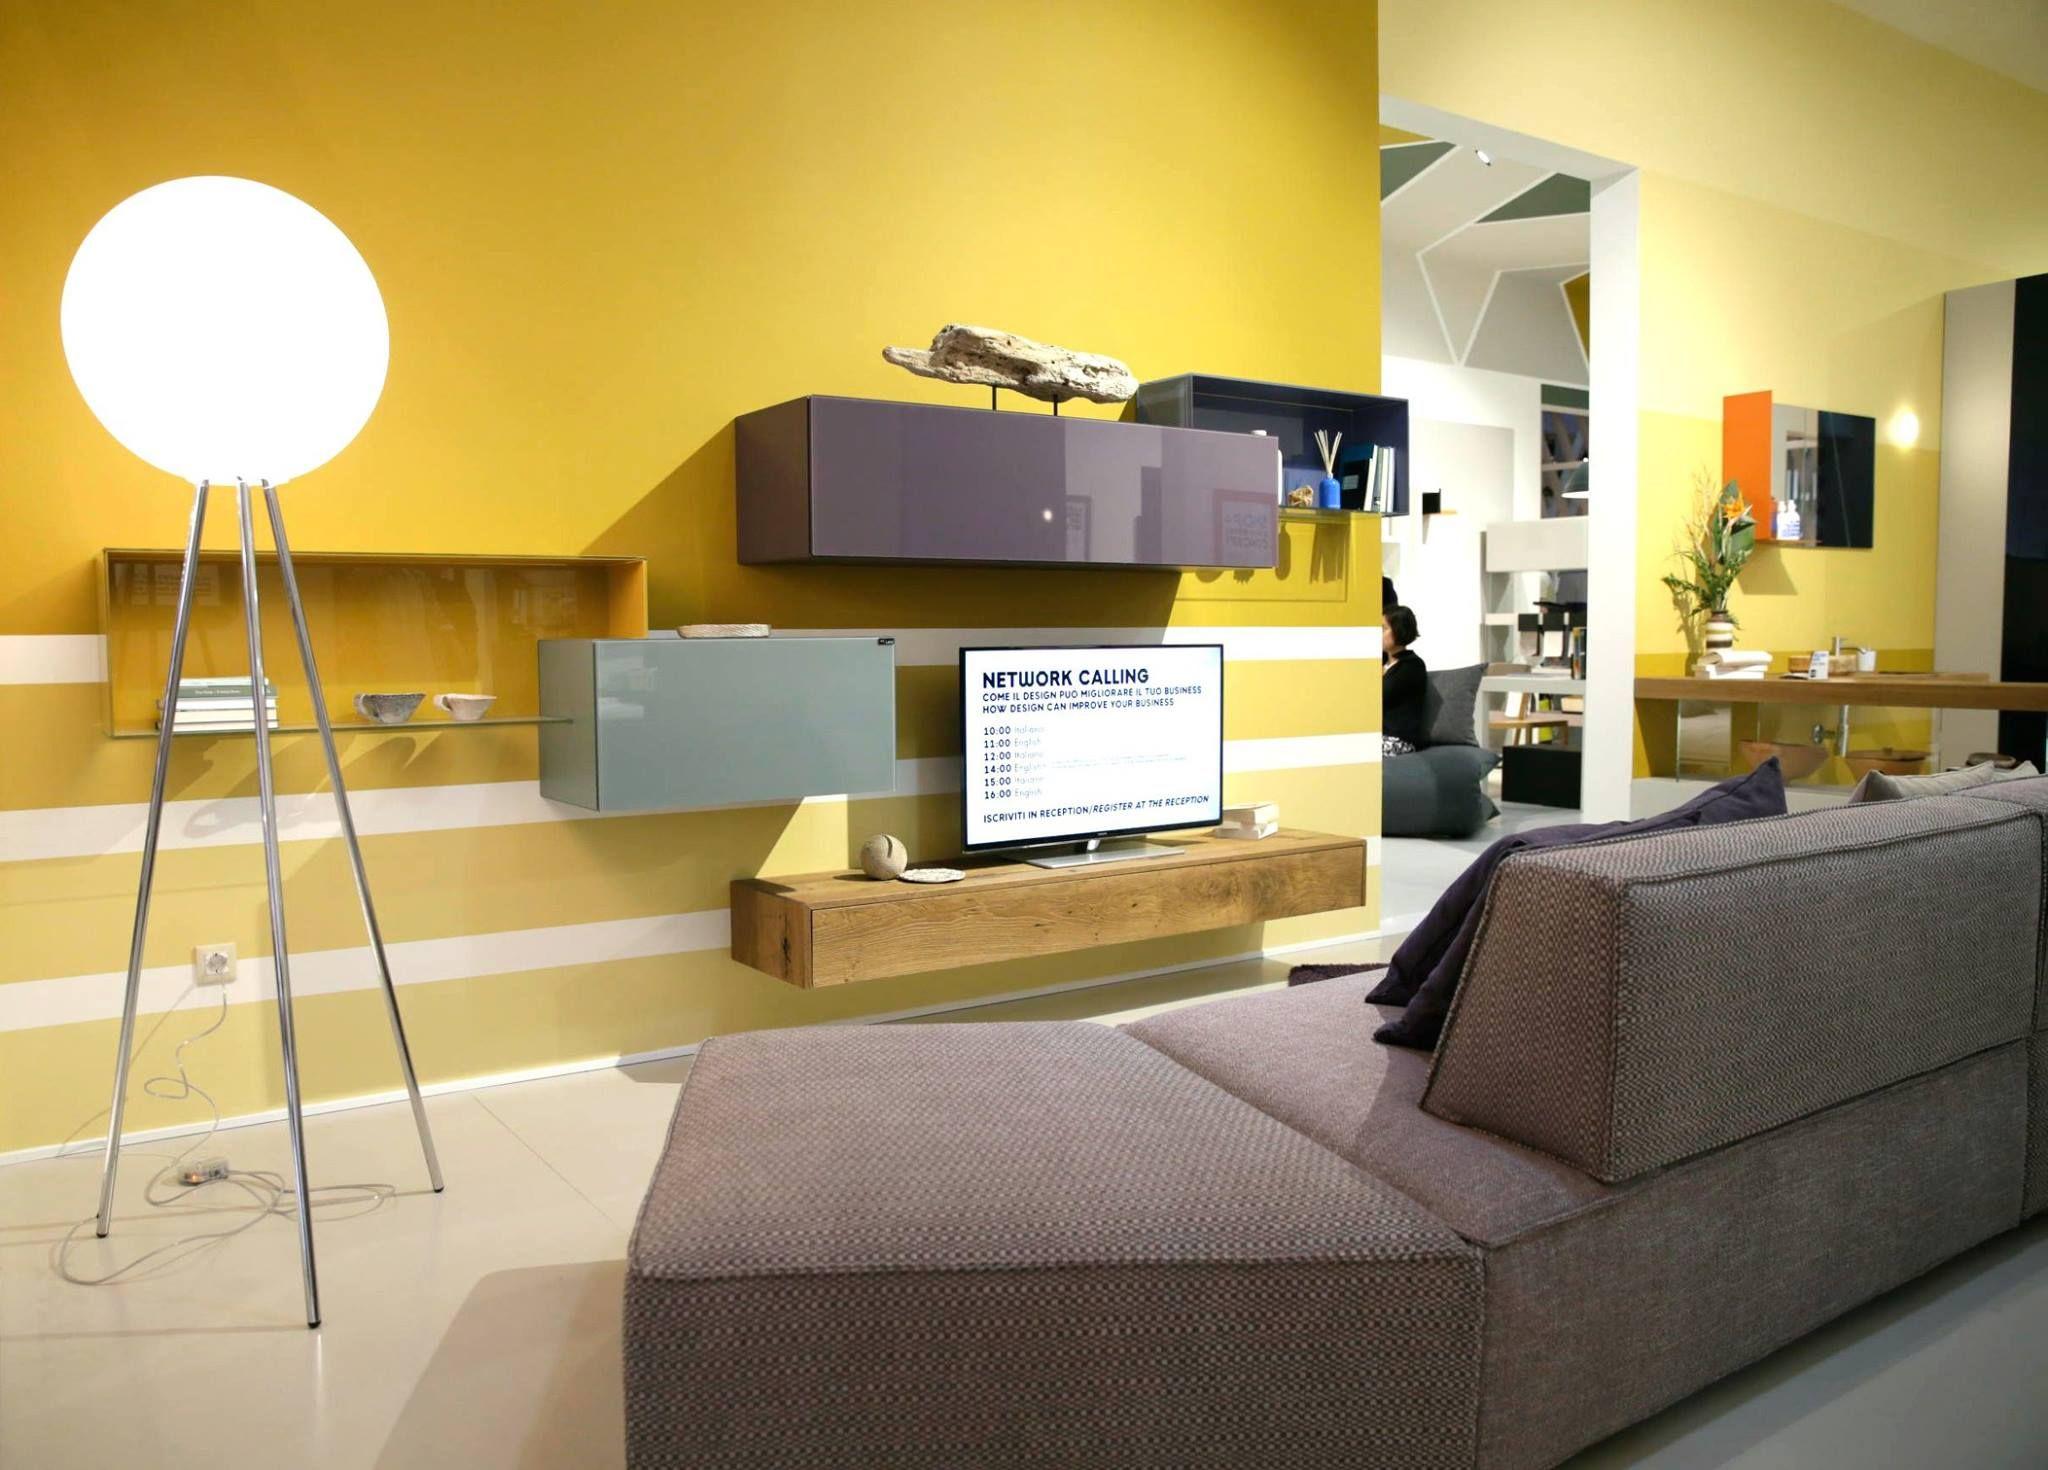 Salon Lago Design Per Il Soggiorno Design Idee Per Decorare La Casa